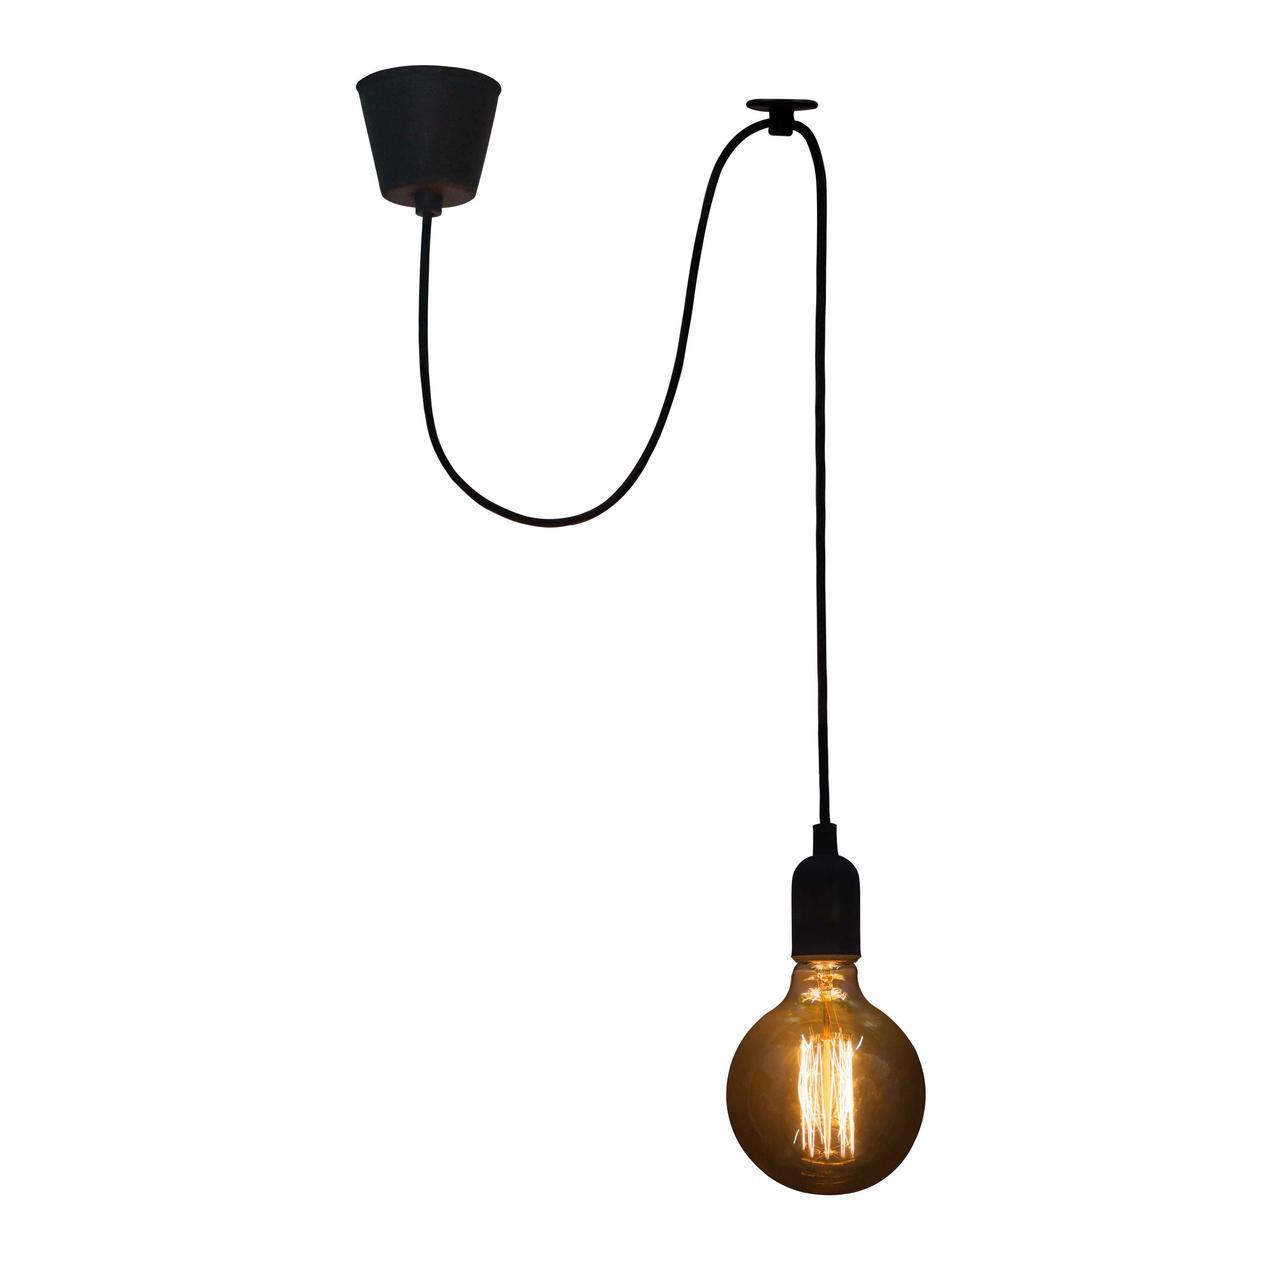 Люстра паук на одну лампу NL 149-1 MSK Electric